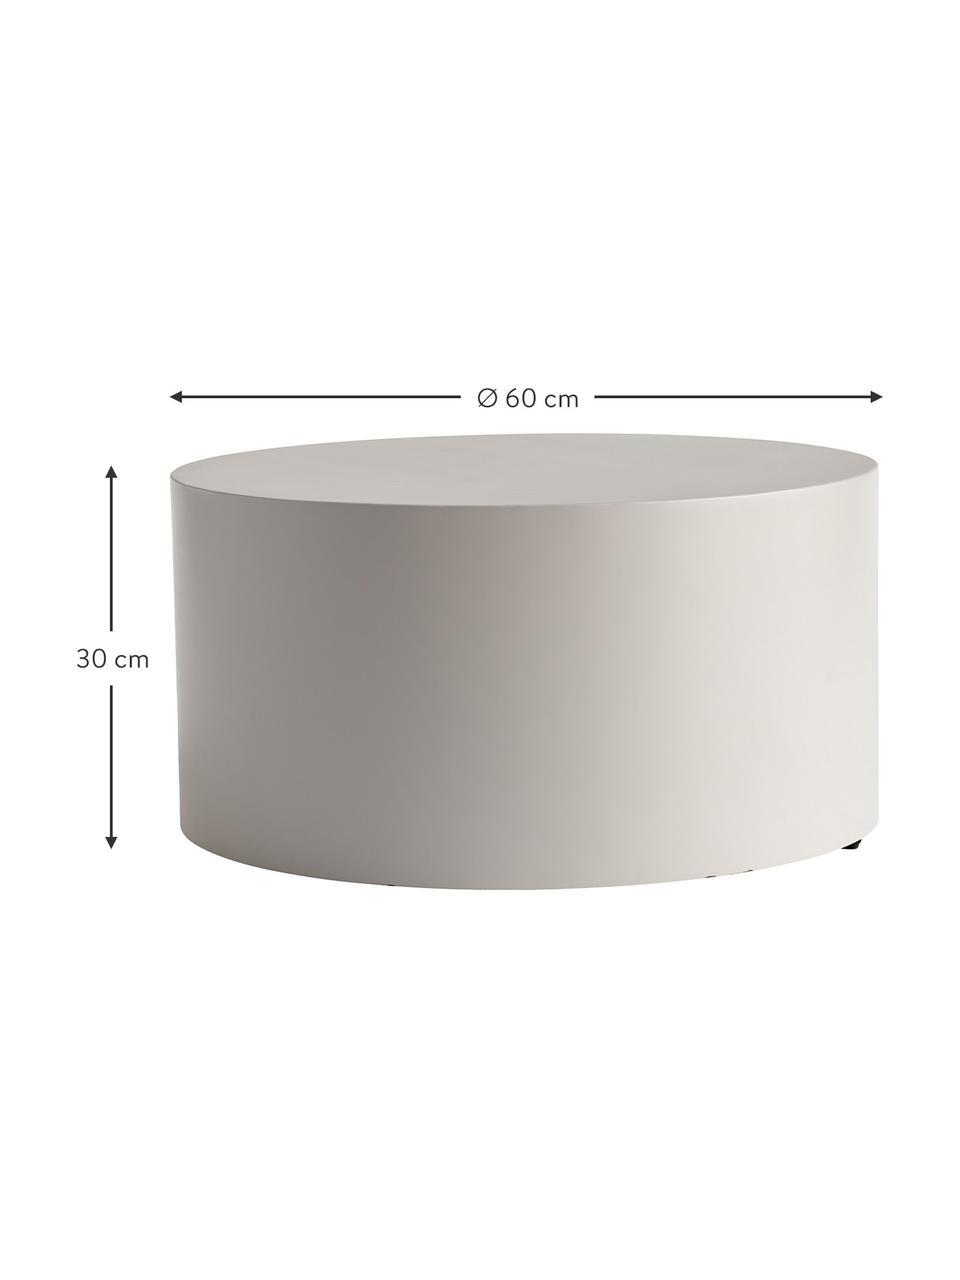 Runder Metall-Couchtisch Metdrum in Hellgrau, Metall, Hellgrau, Ø 60 x H 30 cm